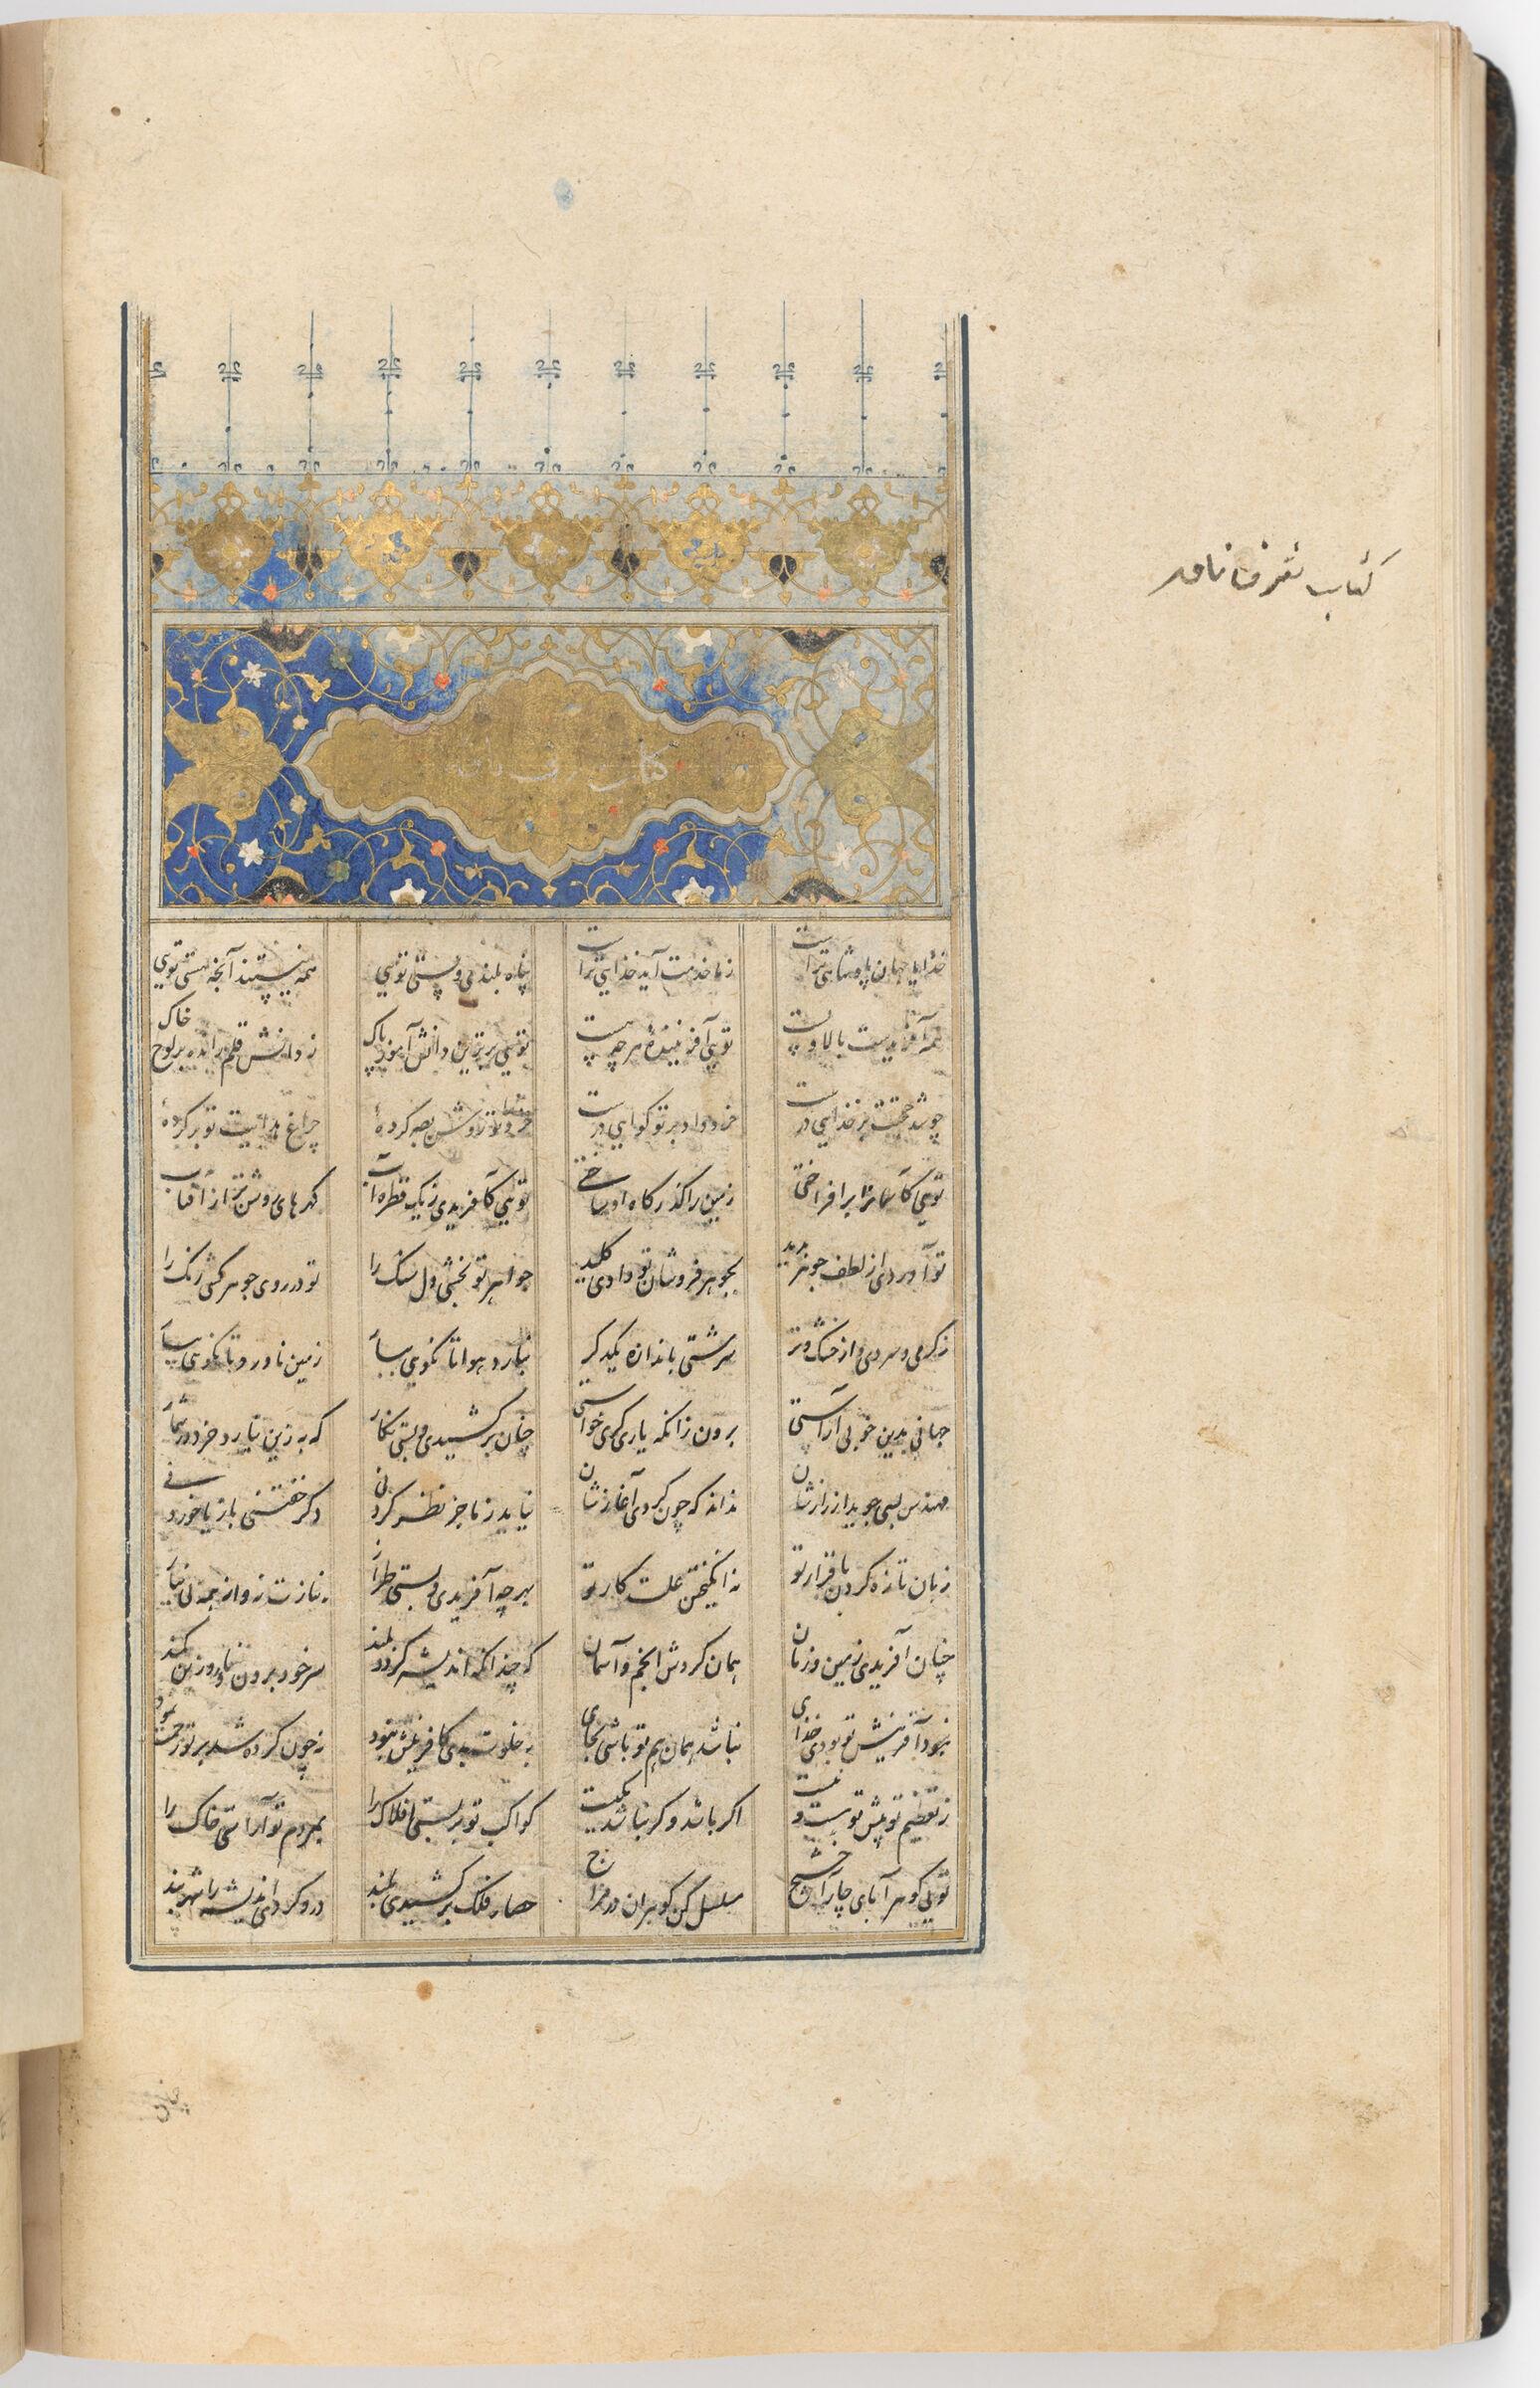 Illuminated Sarlawh Of Sharaf-Nama (Iskandar-Nama), (Text Recto; Illumination Verso Of Folio 243), Sarlawh From A Manuscript Of The Khamsa By Nizami